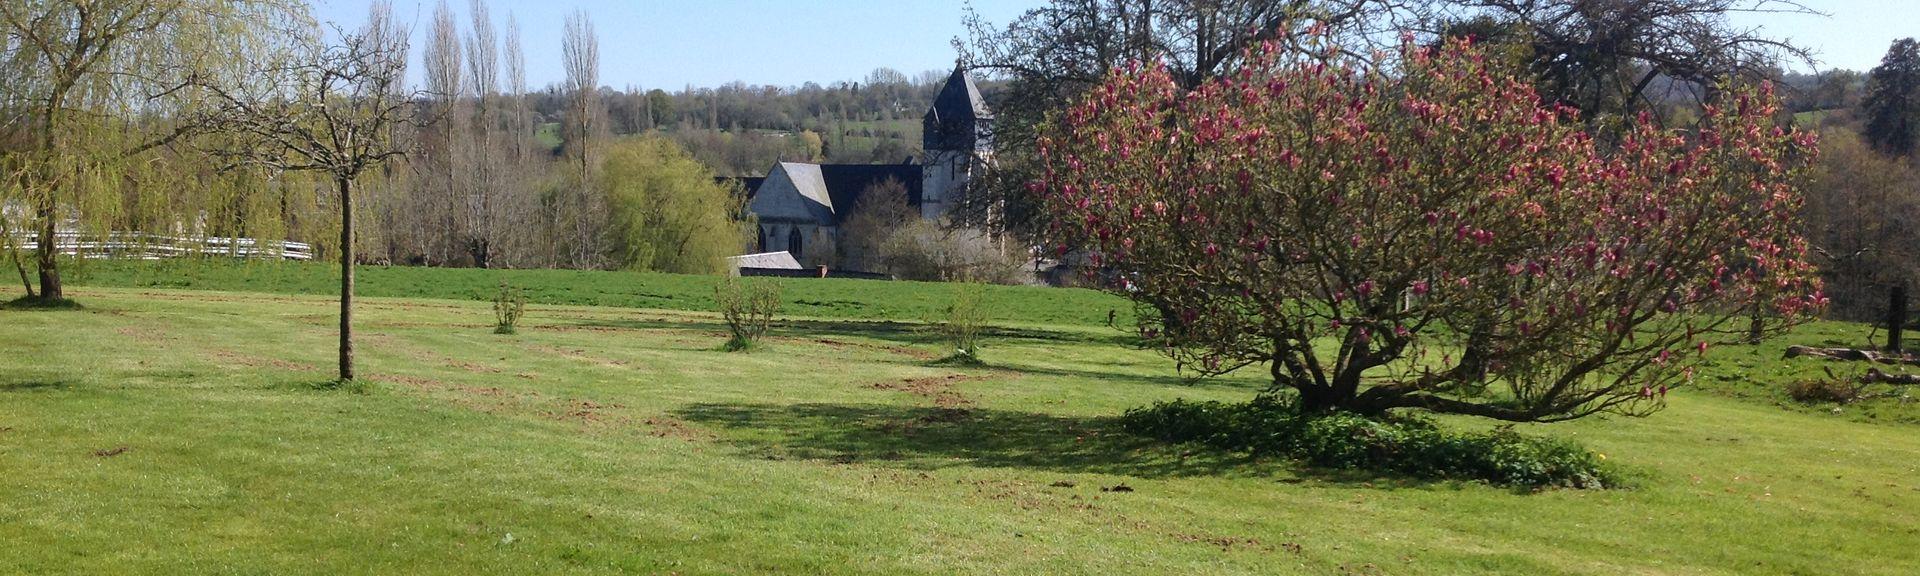 Gonneville-sur-Honfleur, France